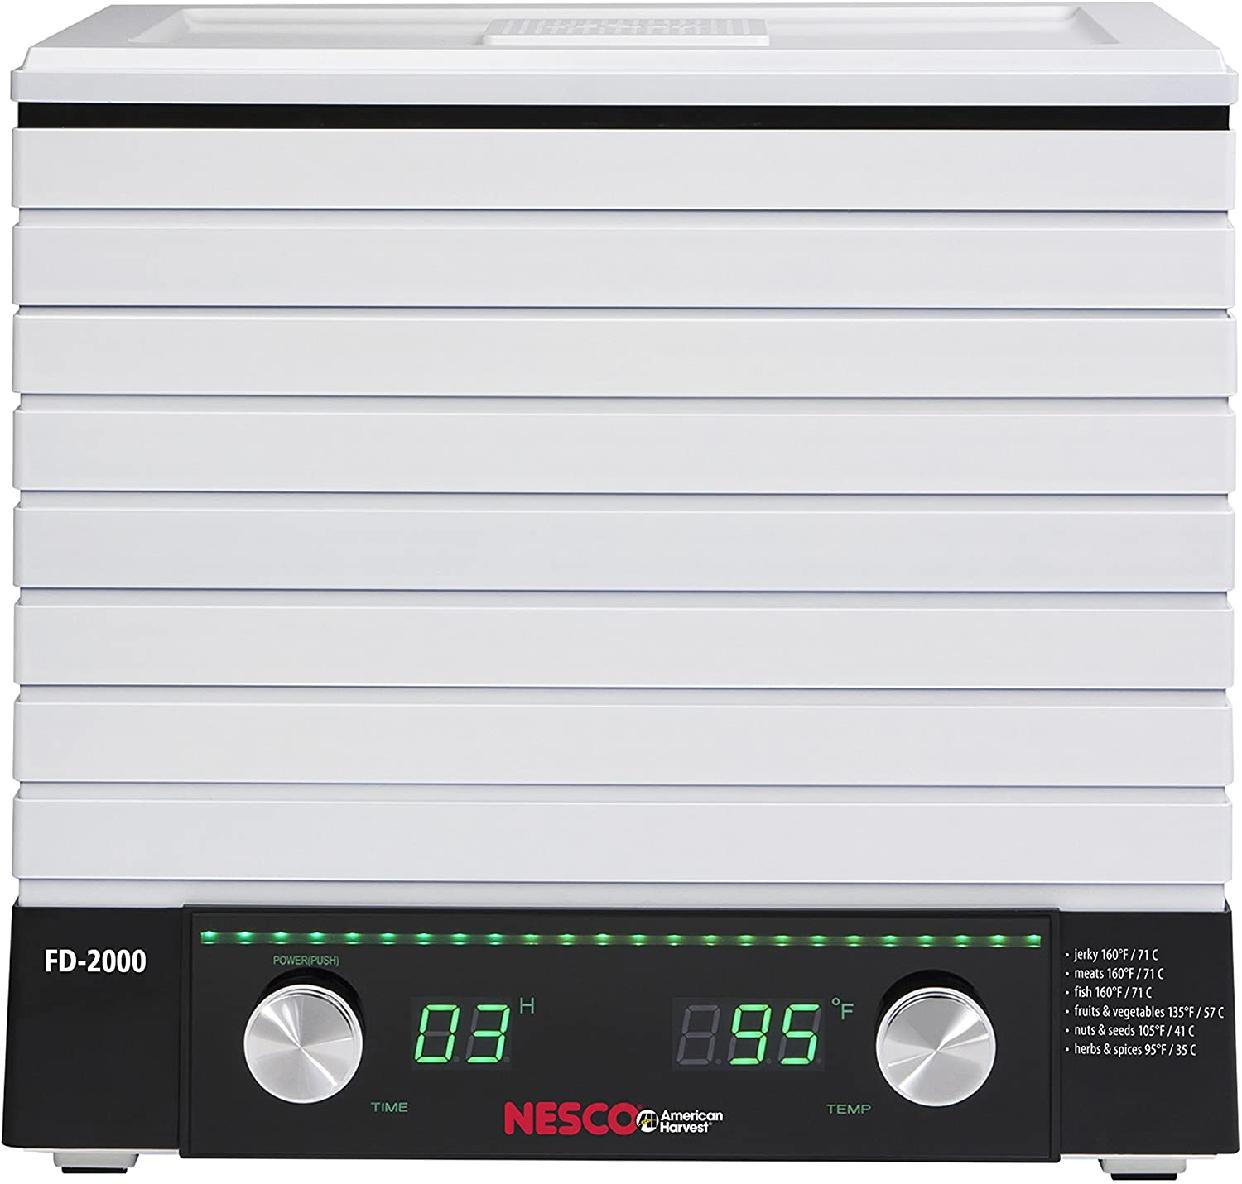 Nesco(ネスコ)食品乾燥機 フードディハイドレーター FD-2000の商品画像